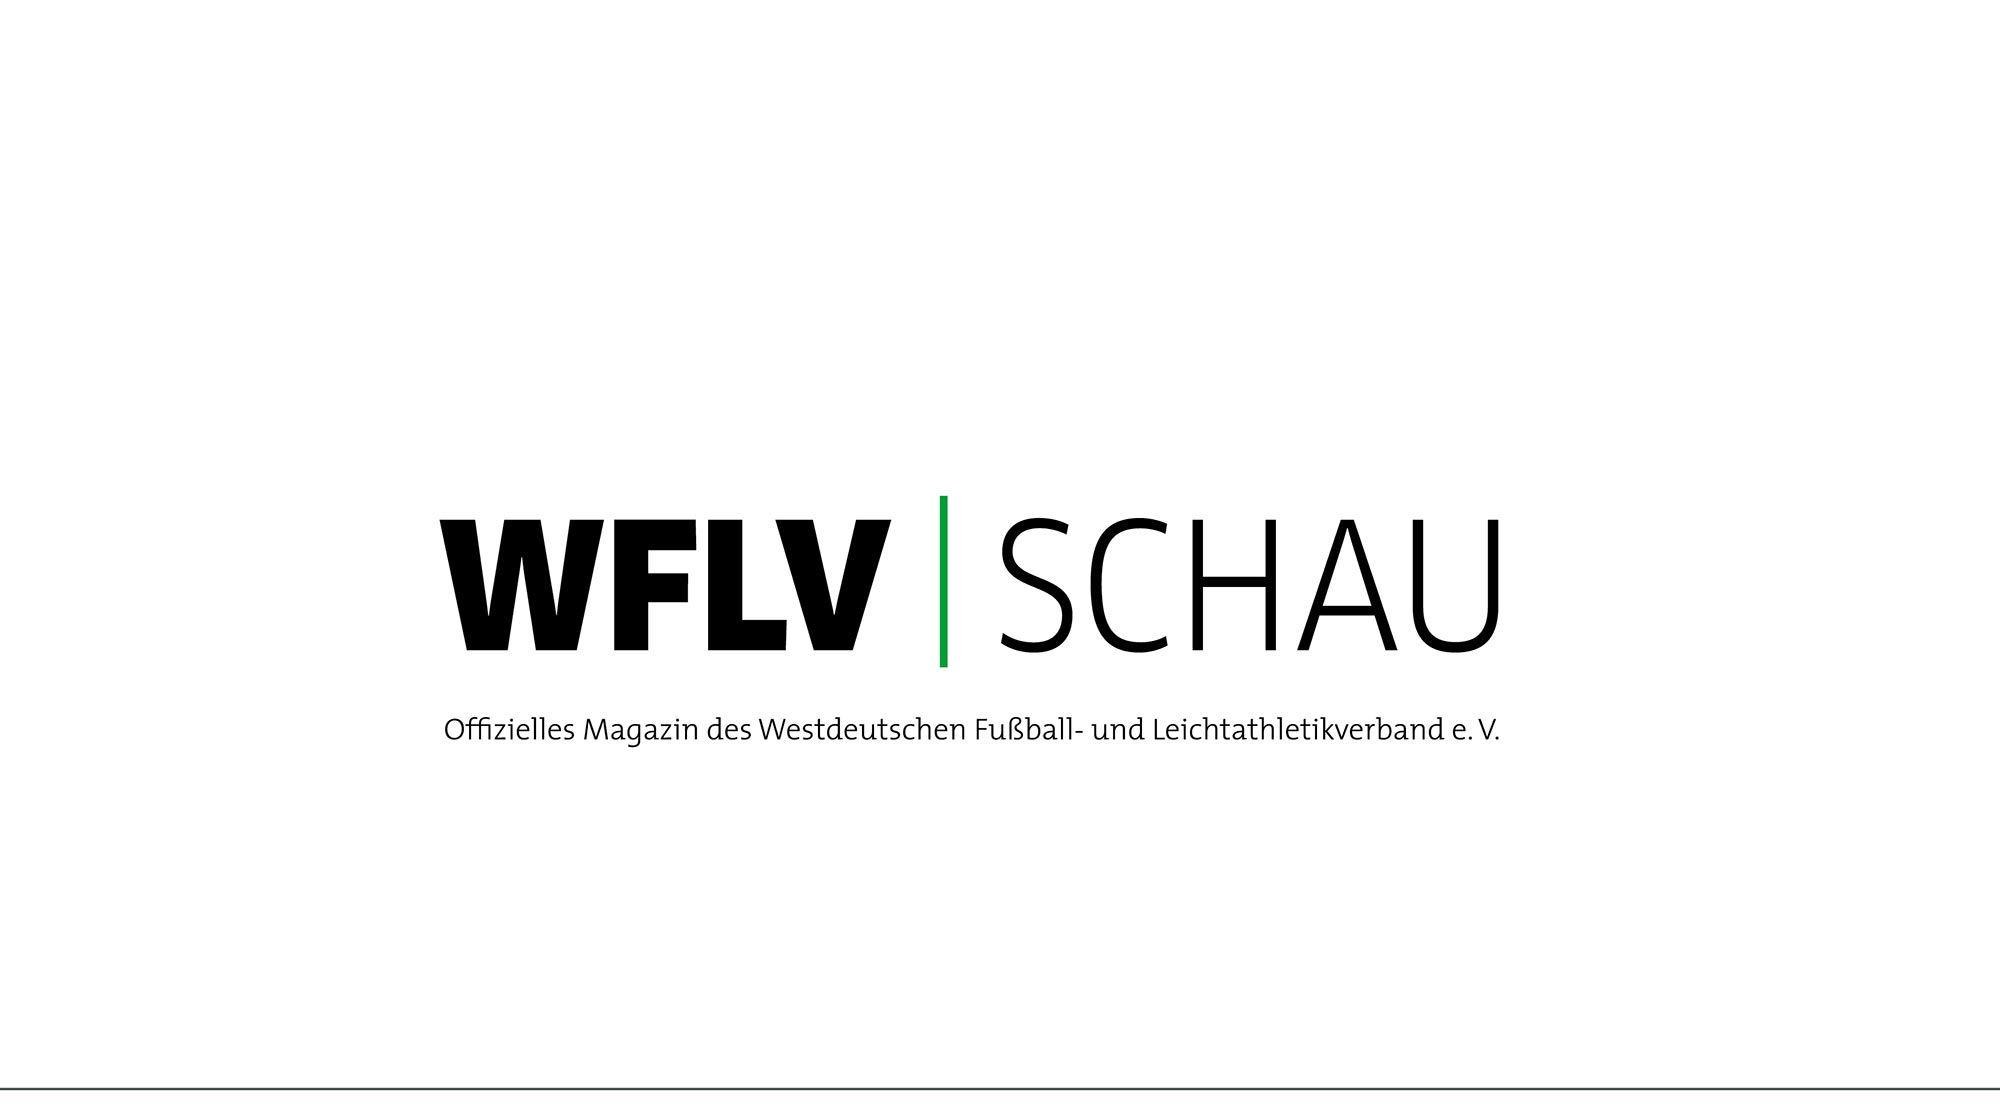 Logos_wflvschau